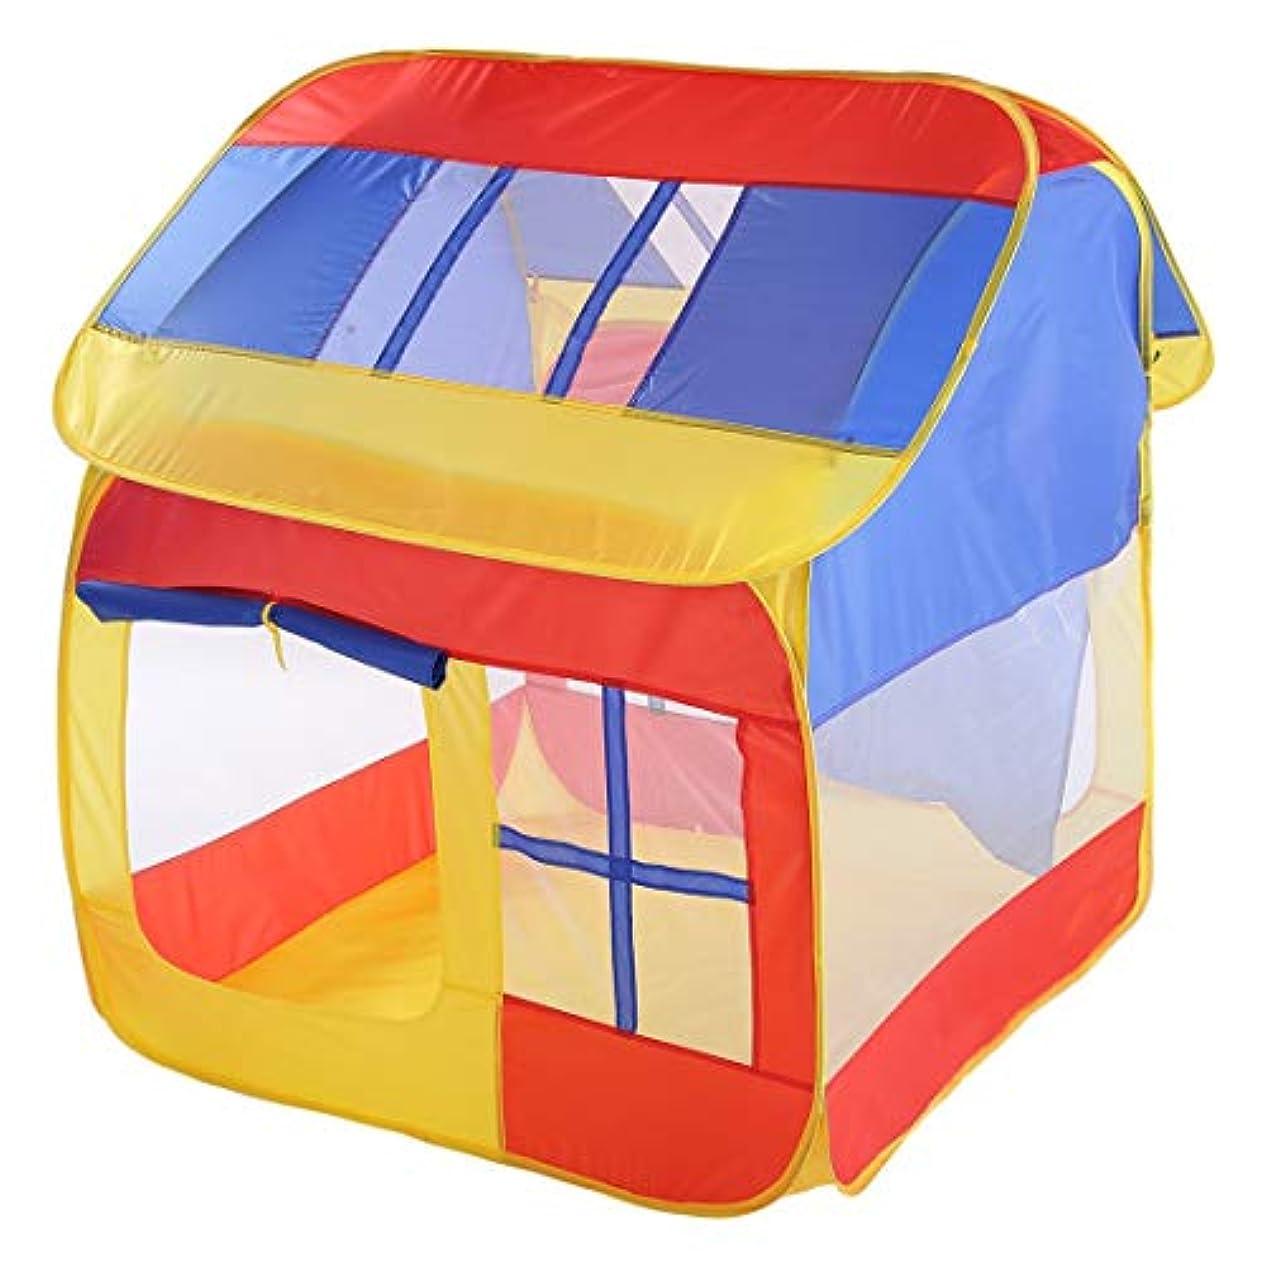 性格水分振るうKAKACITY 子供たちの遊びテントハウスタイプの子供屋内劇場のおもちゃルーム折り畳み式 (色 : レッド)